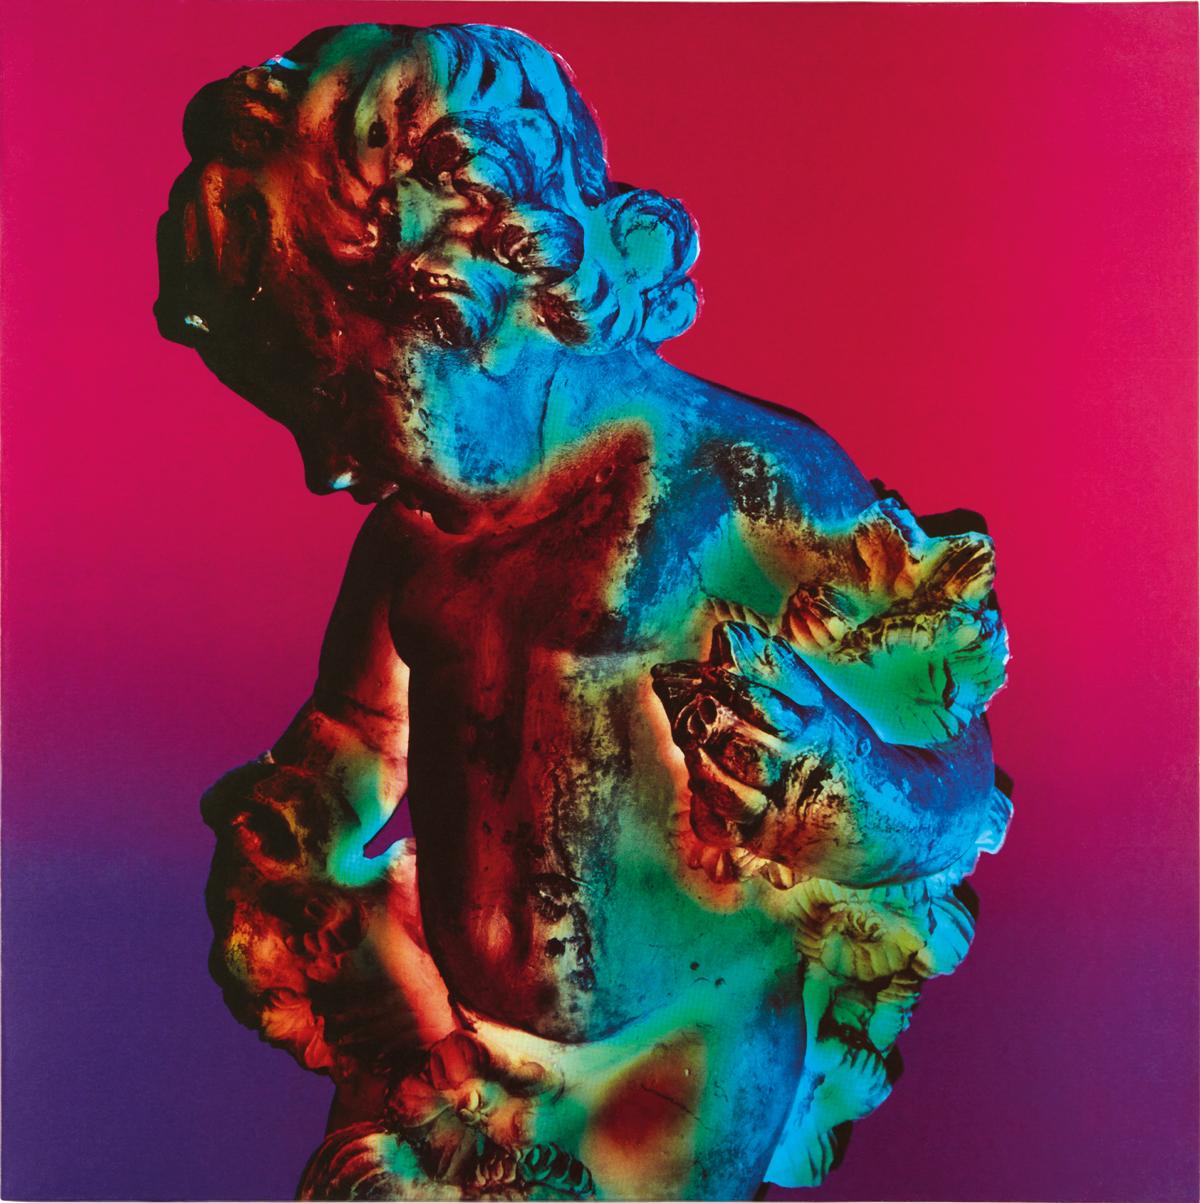 Album art for New Order's Technique, 1989